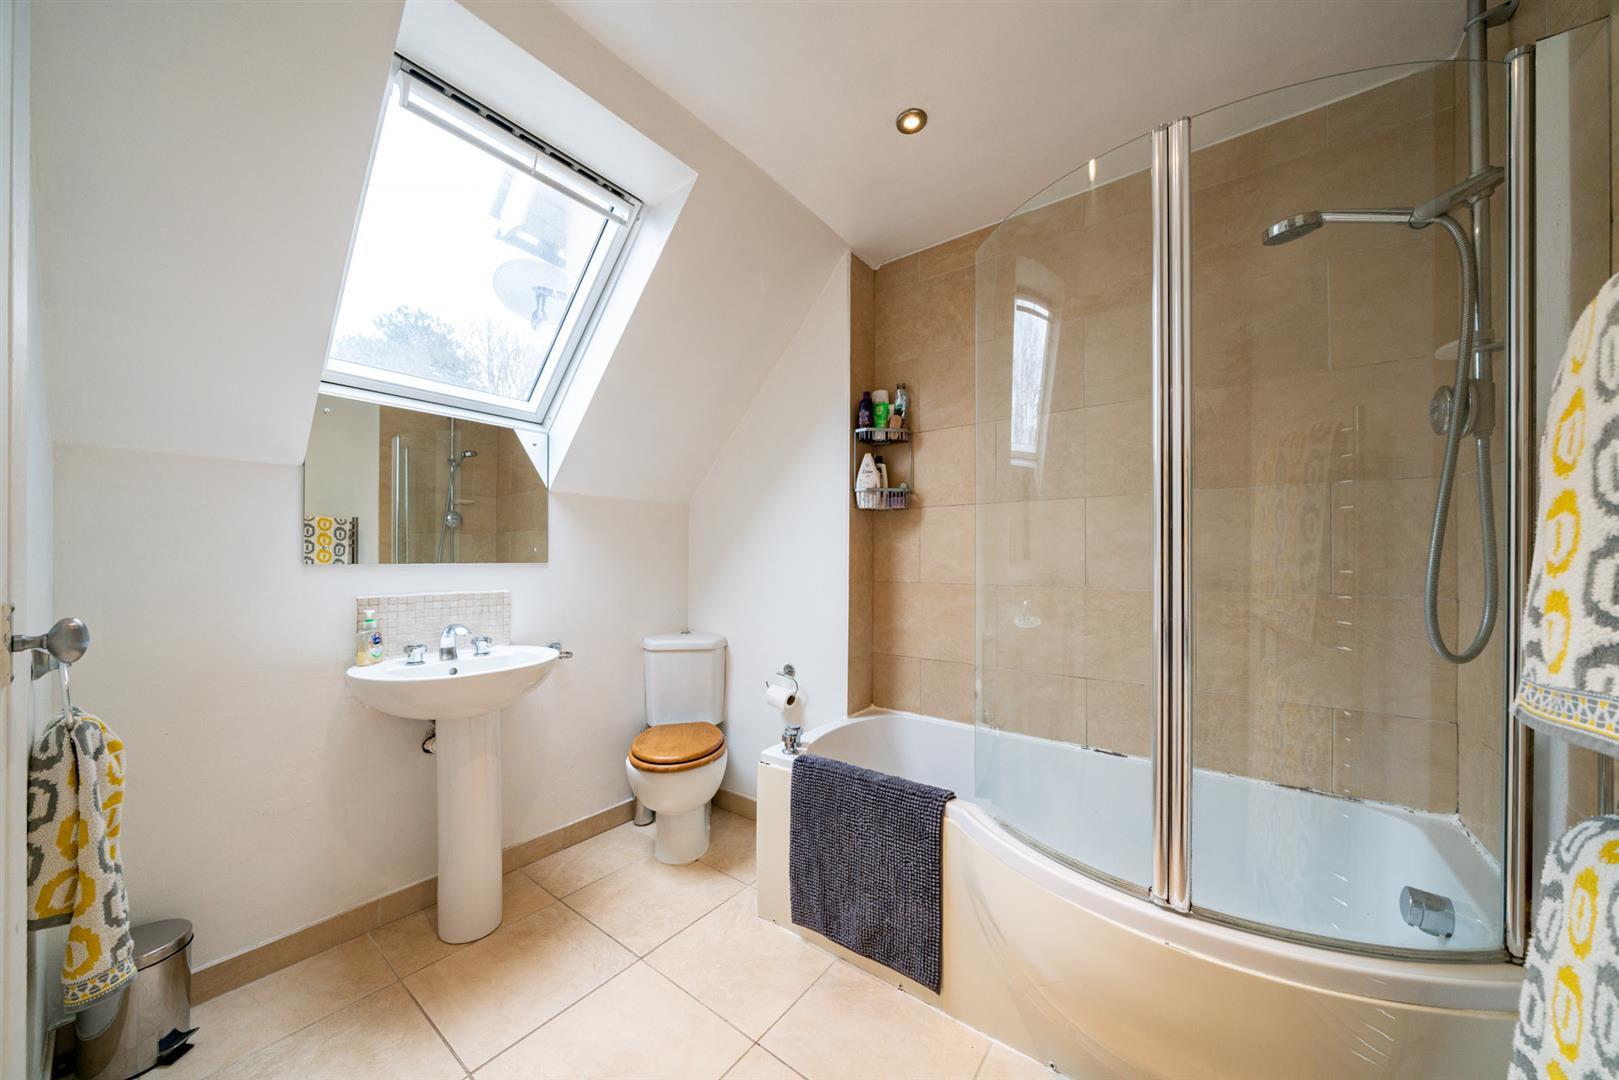 Flat-6-Ruscoe-5072 - bathroom.jpg